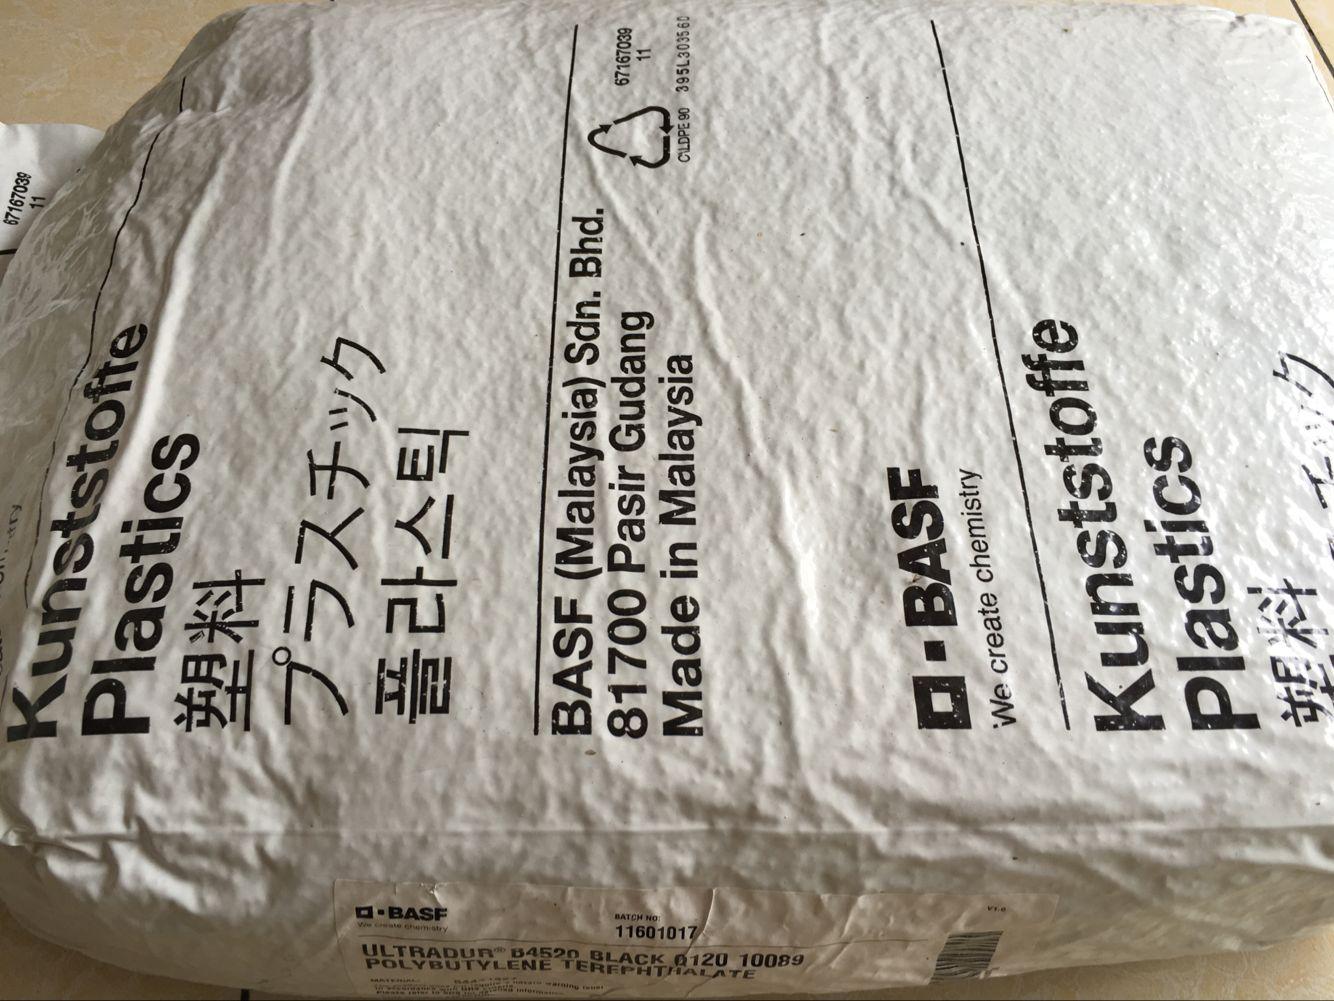 PBT/B 4520 Q120 BK10089/德国巴斯夫